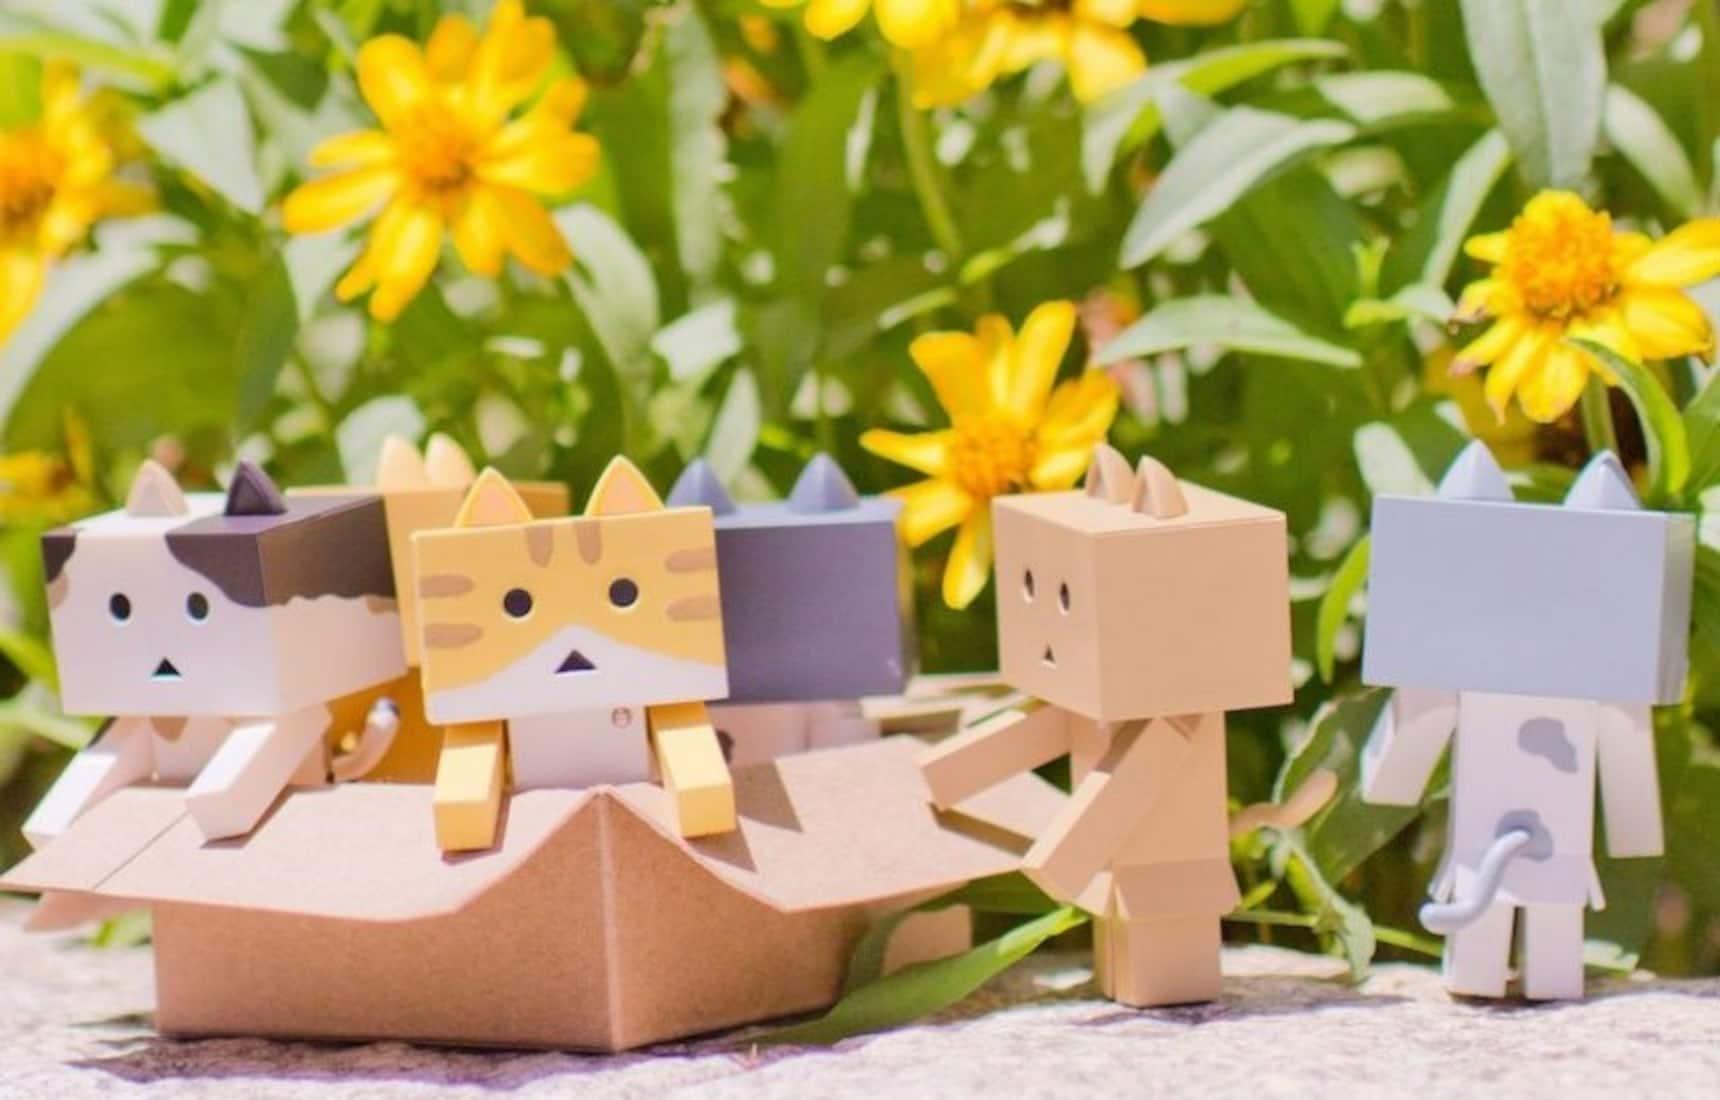 A Litter of Cute Cardboard Kitties!